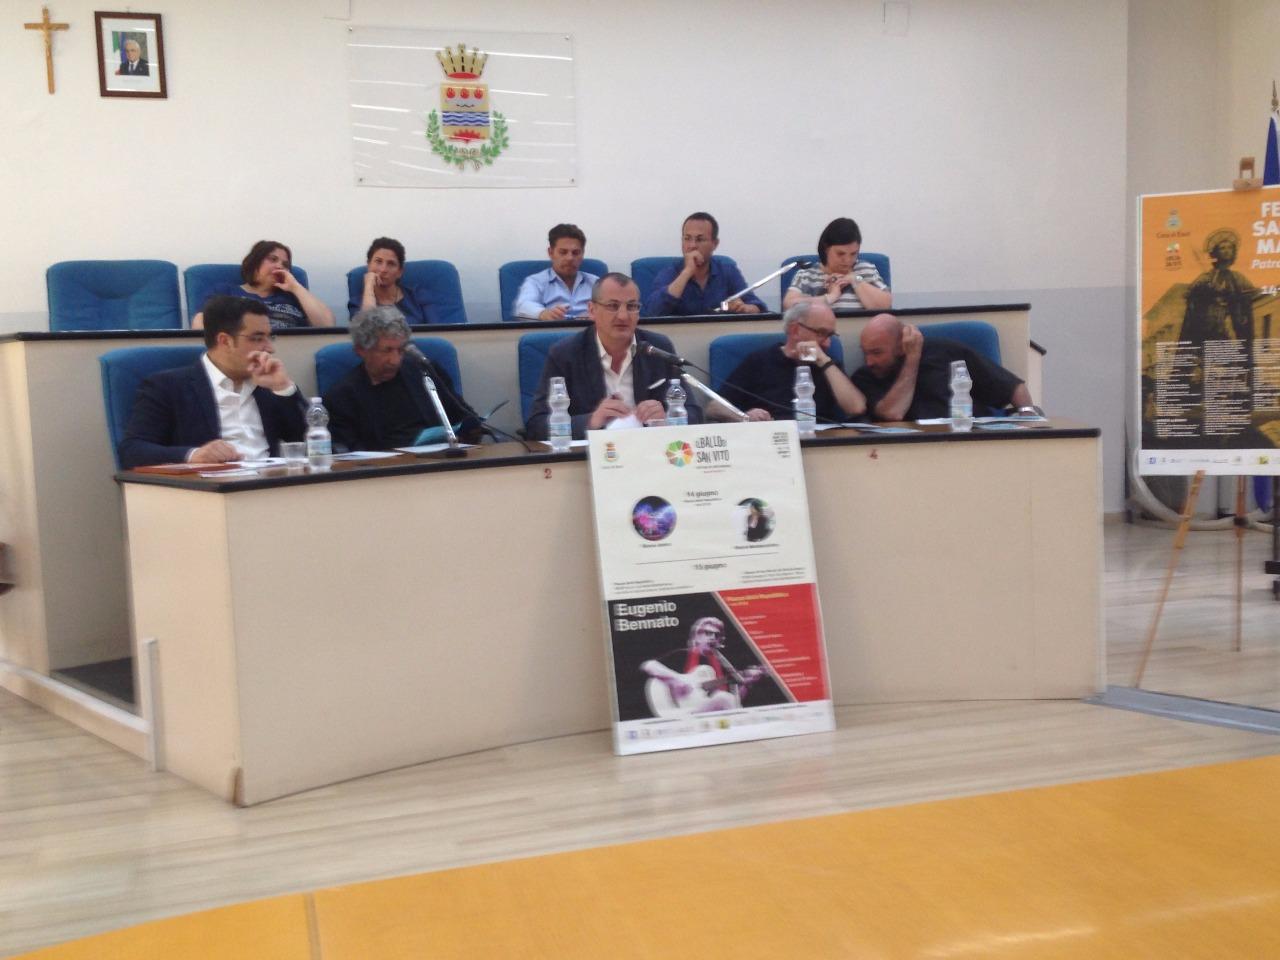 Festeggiamenti S Vito-Conferenza stampa cn Cariello e Eugenio Bennato